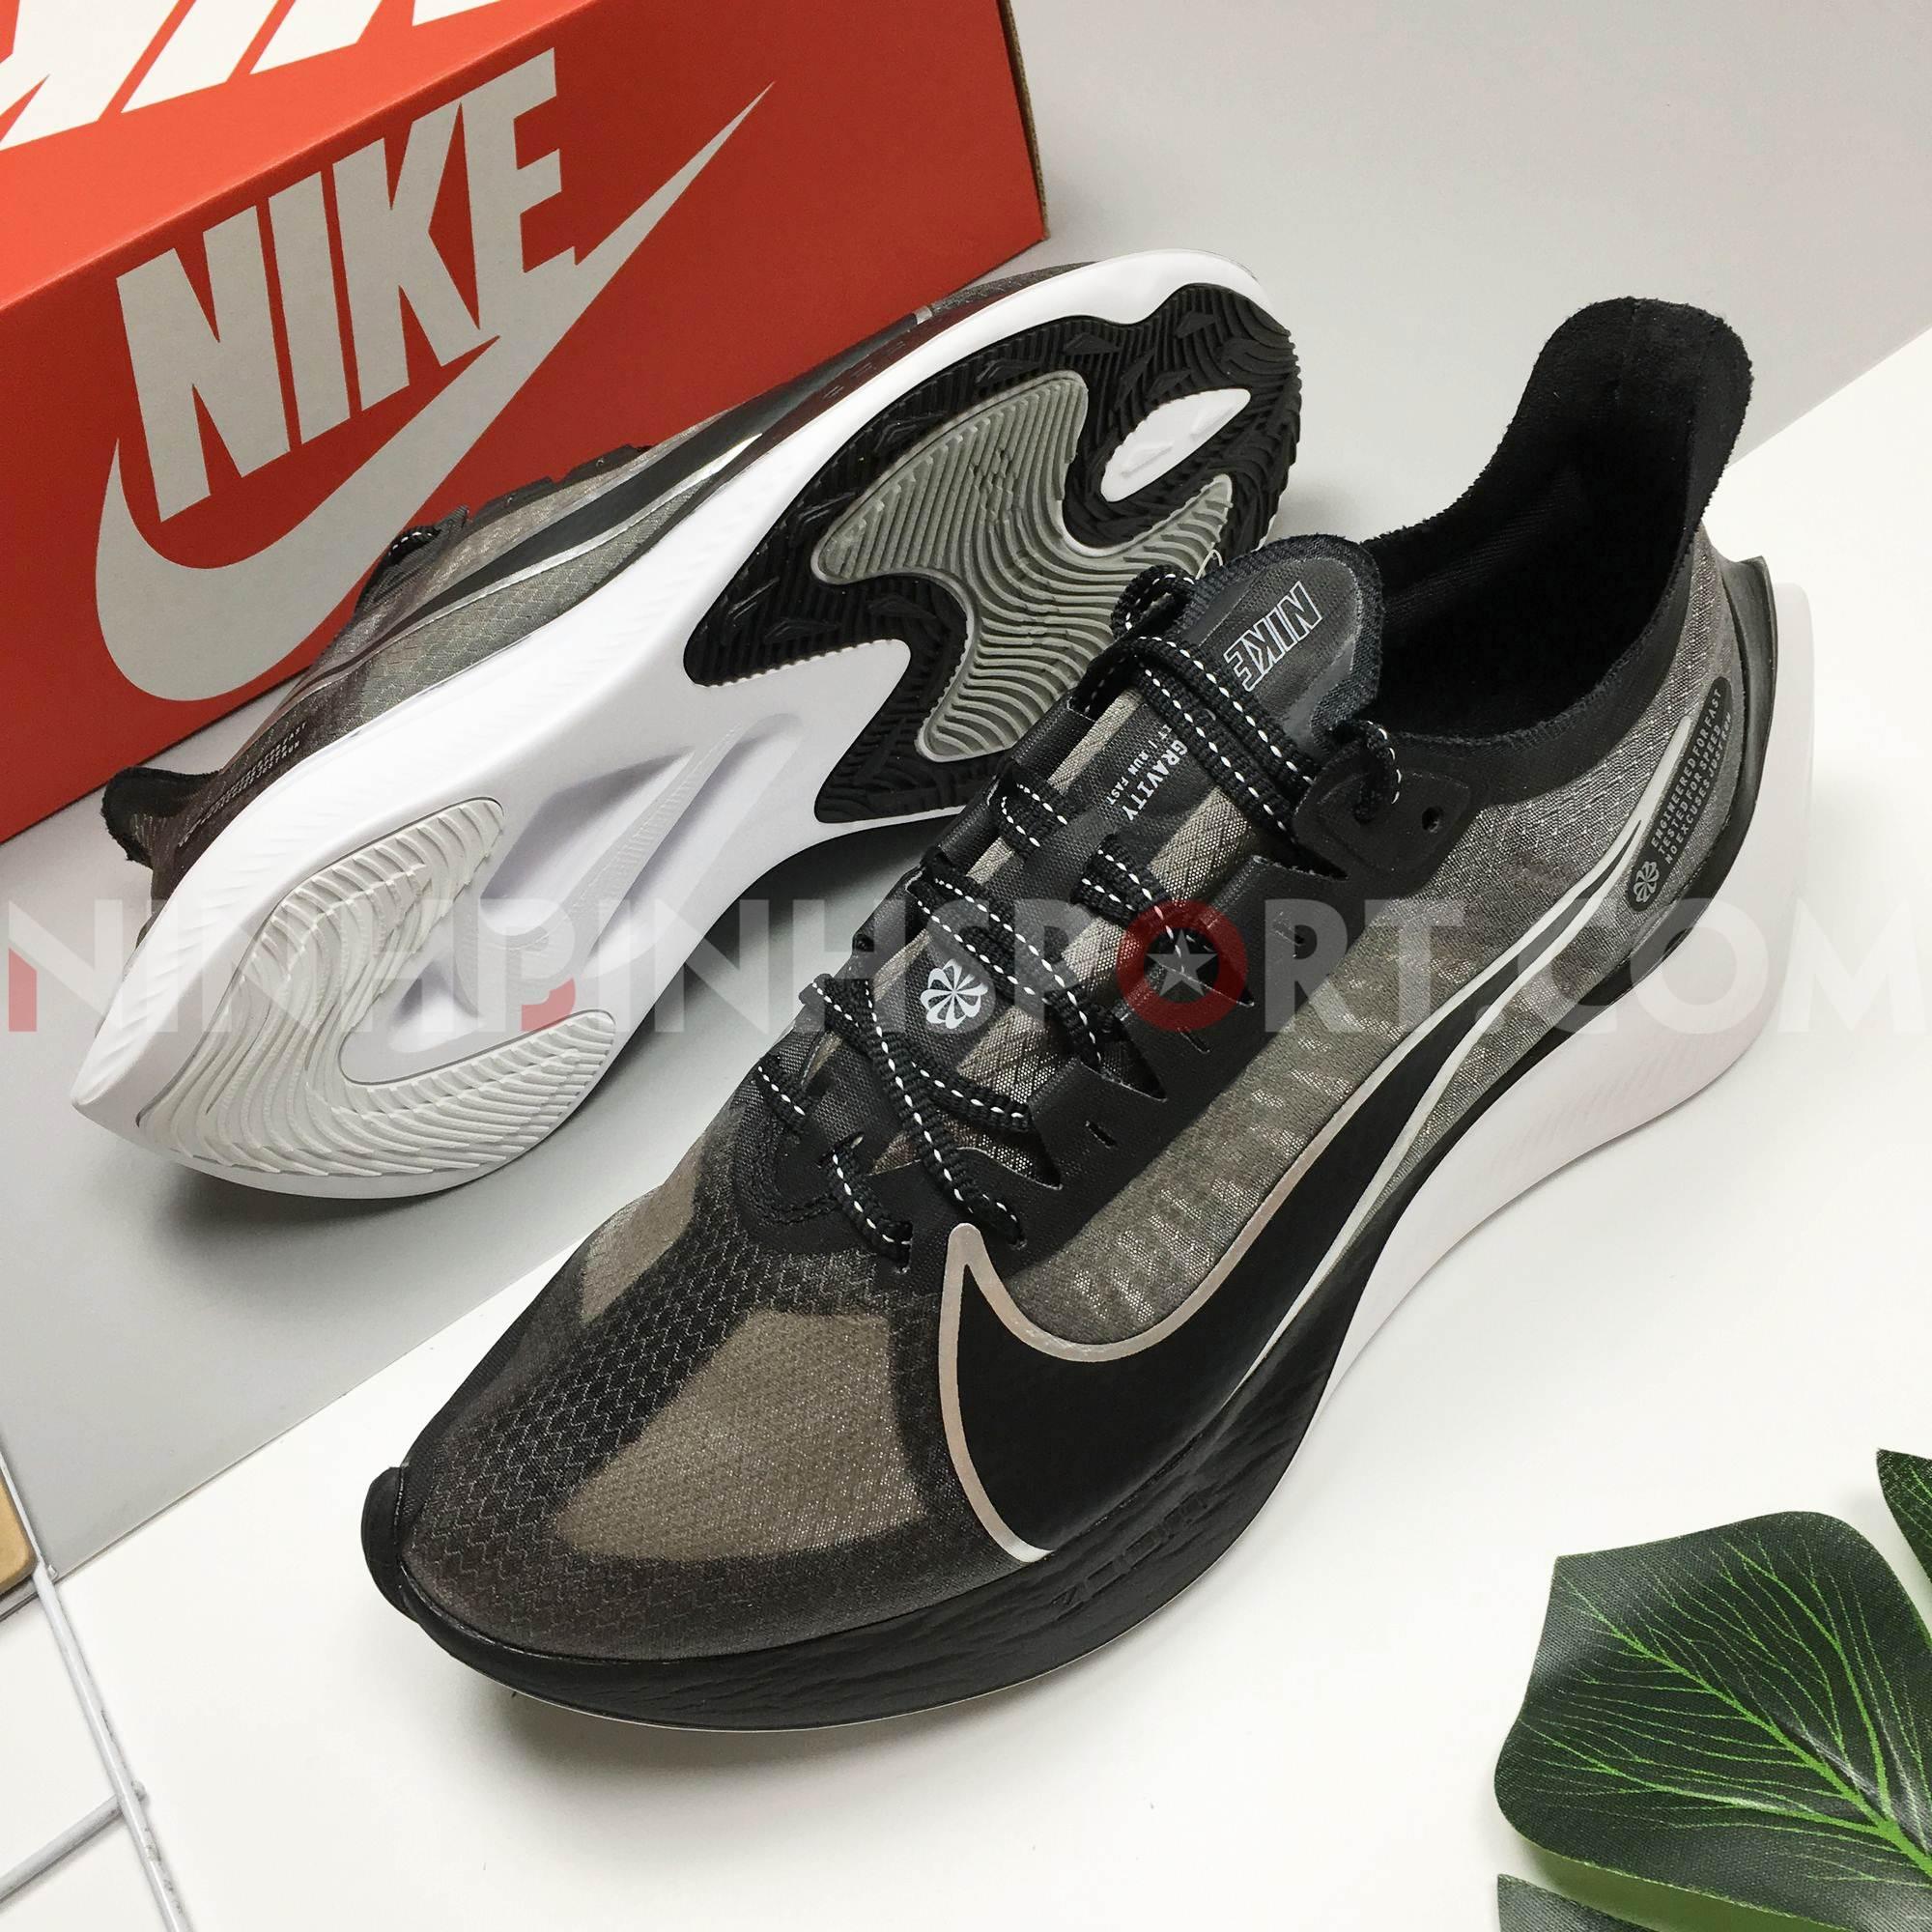 Giày thể thao nam Nike Zoom Gravity BQ3202-001